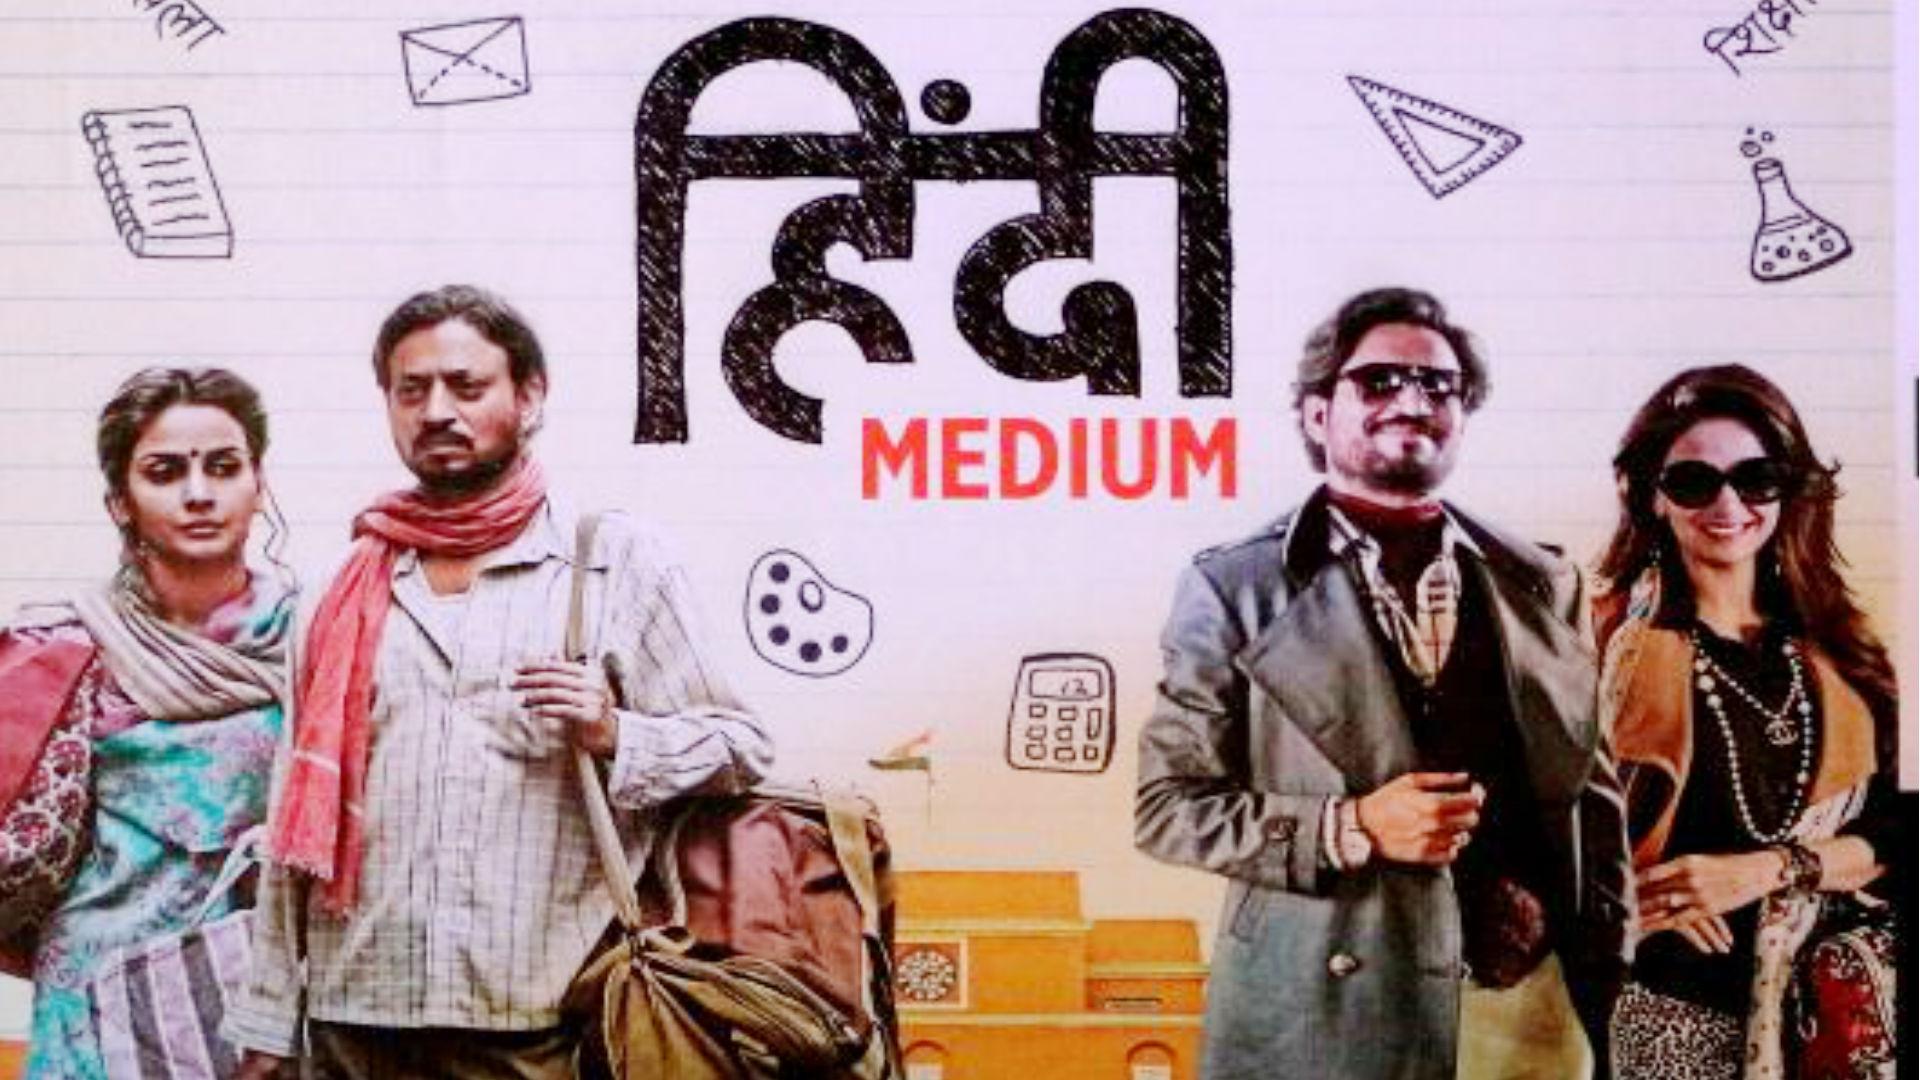 फिल्म हिंदी मीडियम 2 की शूटिंग इस दिन से शुरू करेंगे इरफान खान, मुंबई में चलता रहेगा कैंसर का इलाज